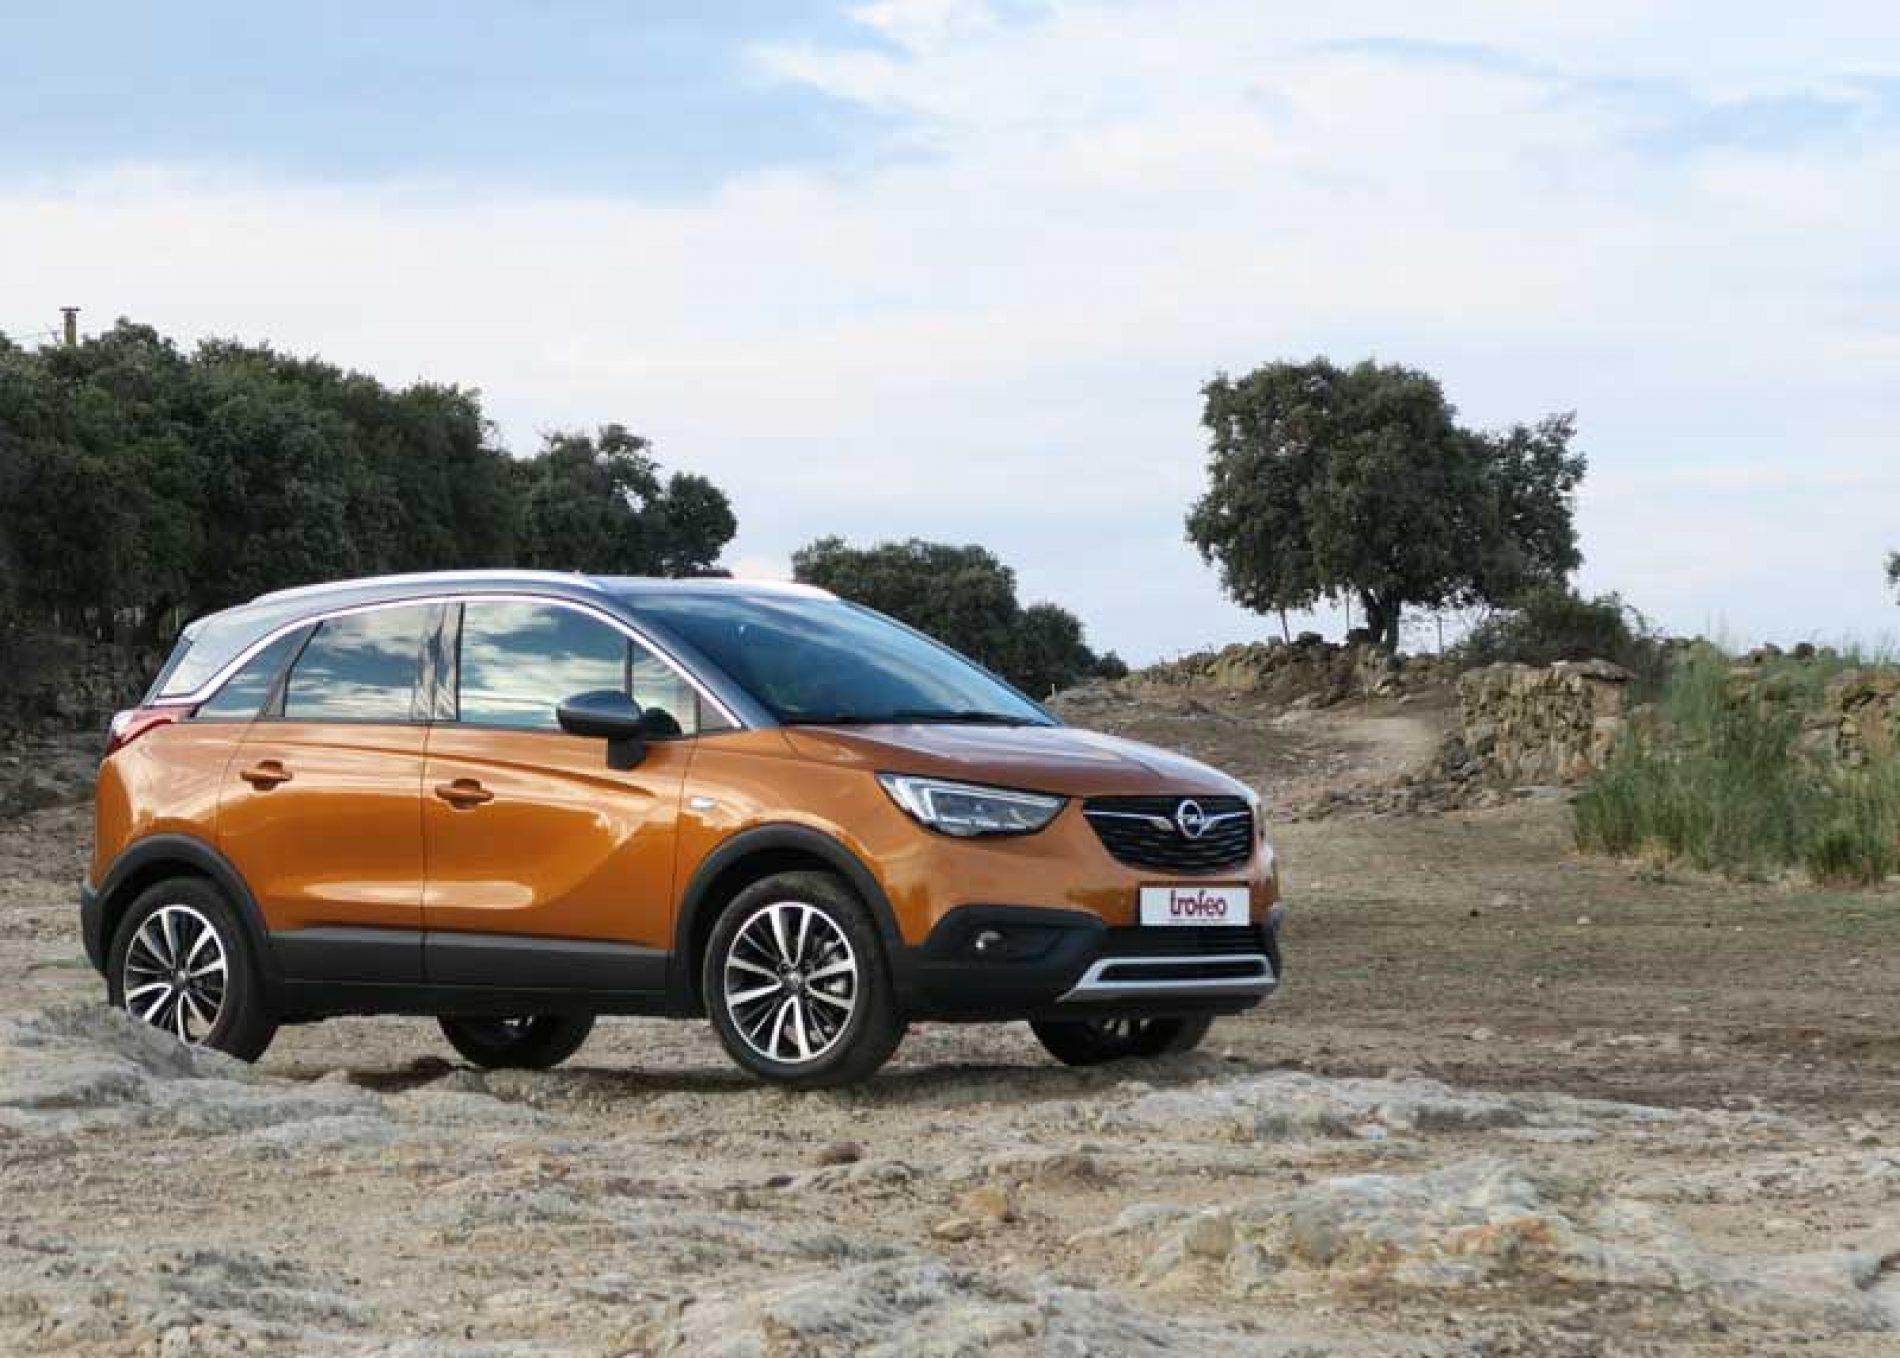 El coche de los jóvenes cazadores, Opel Crossland X